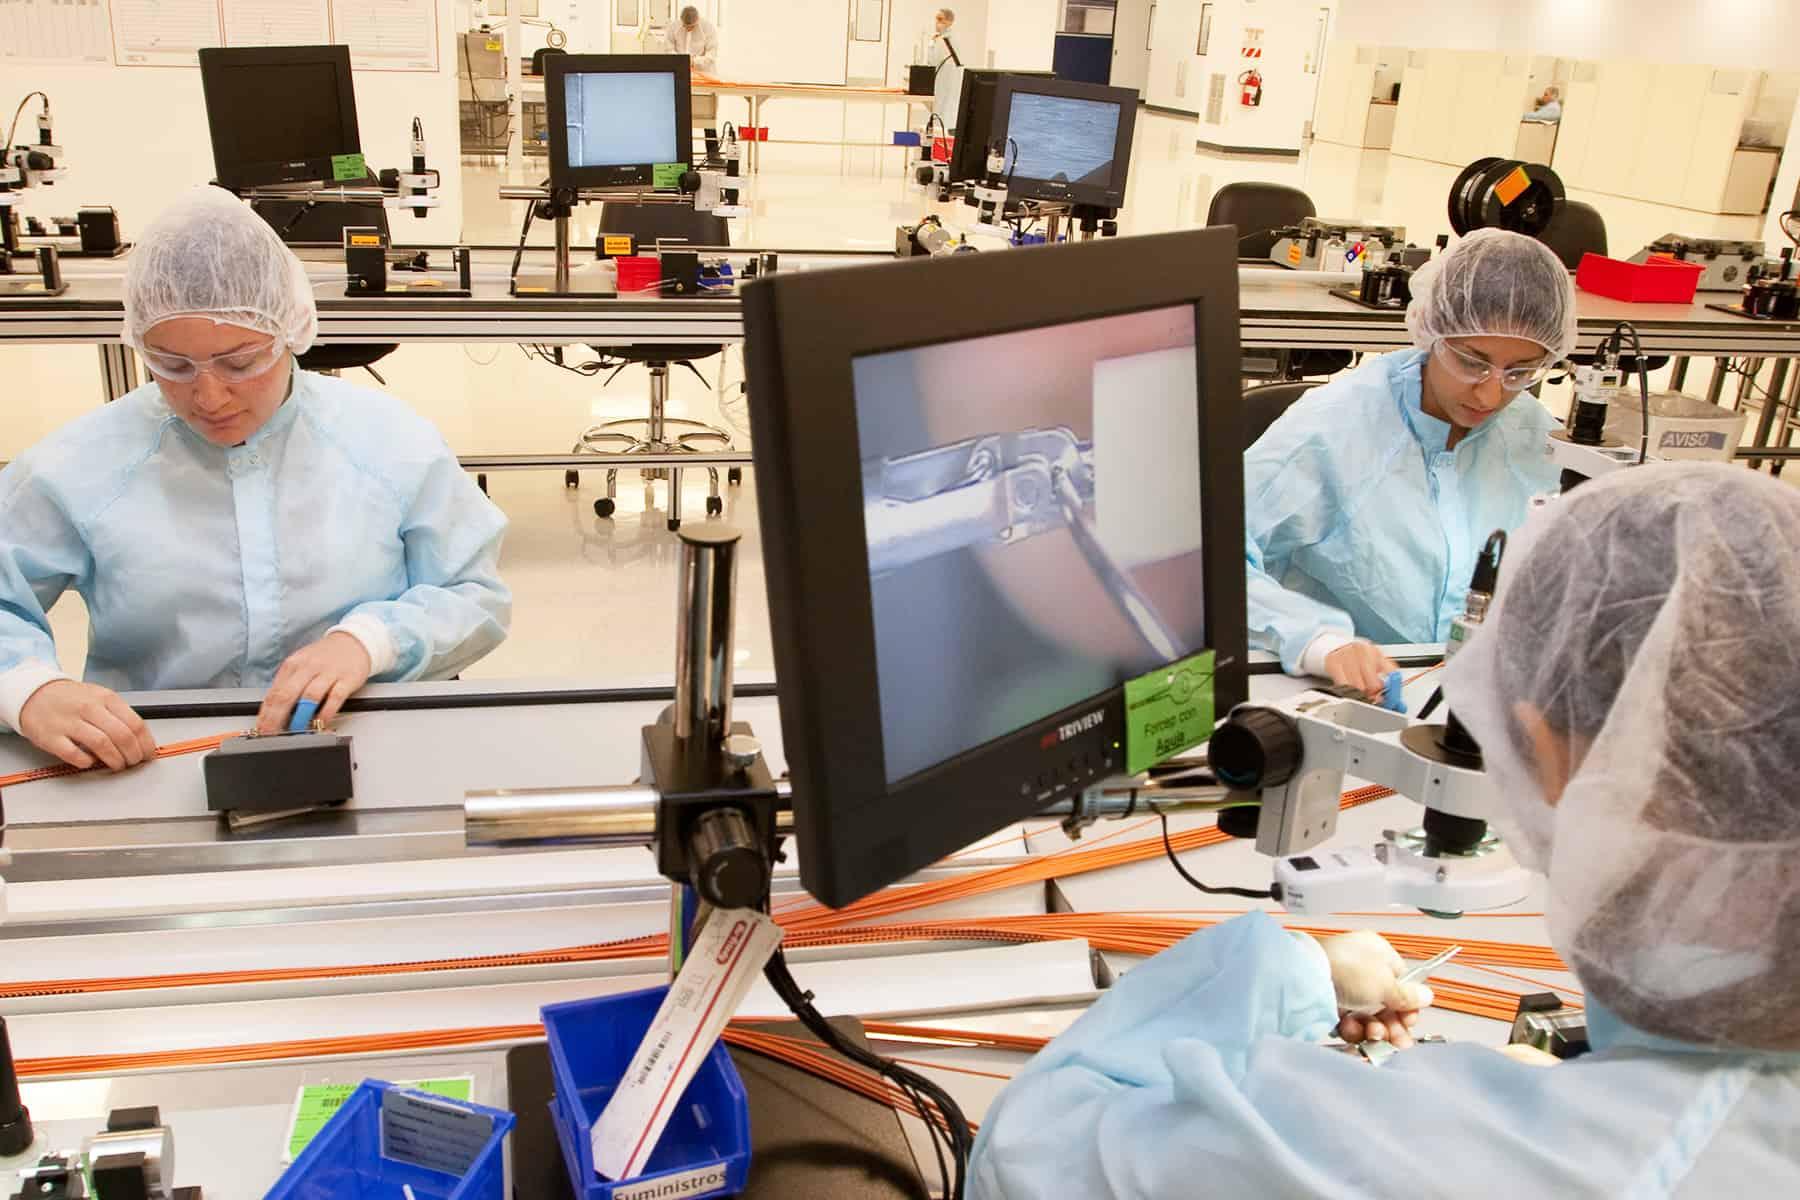 Medical device manufacture in Costa Rica